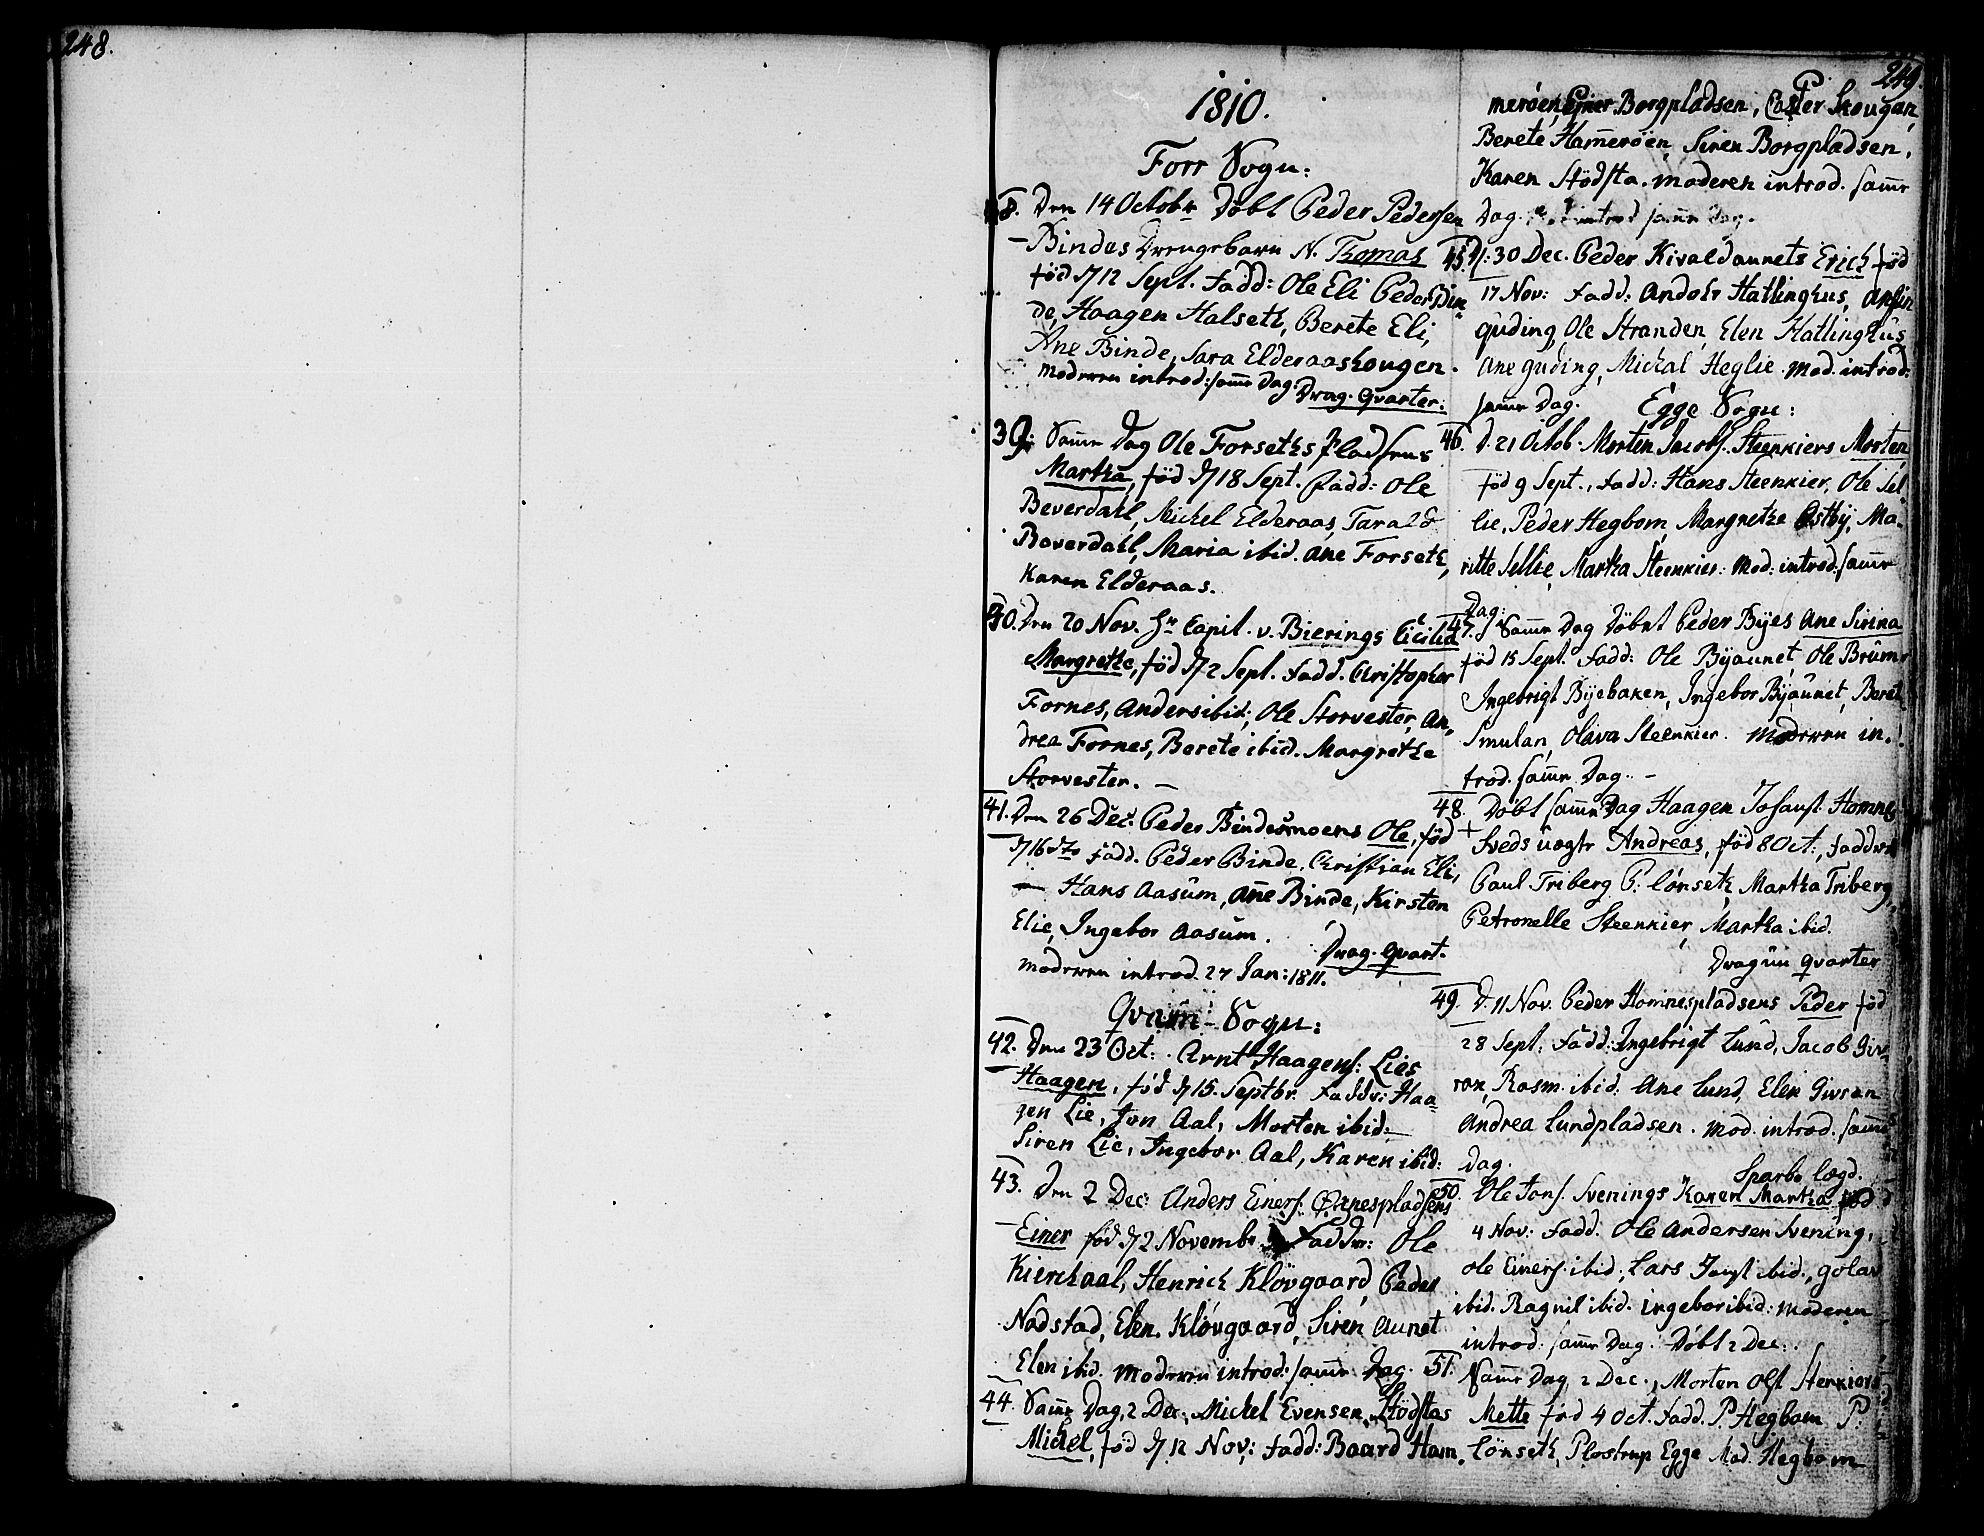 SAT, Ministerialprotokoller, klokkerbøker og fødselsregistre - Nord-Trøndelag, 746/L0440: Ministerialbok nr. 746A02, 1760-1815, s. 248-249